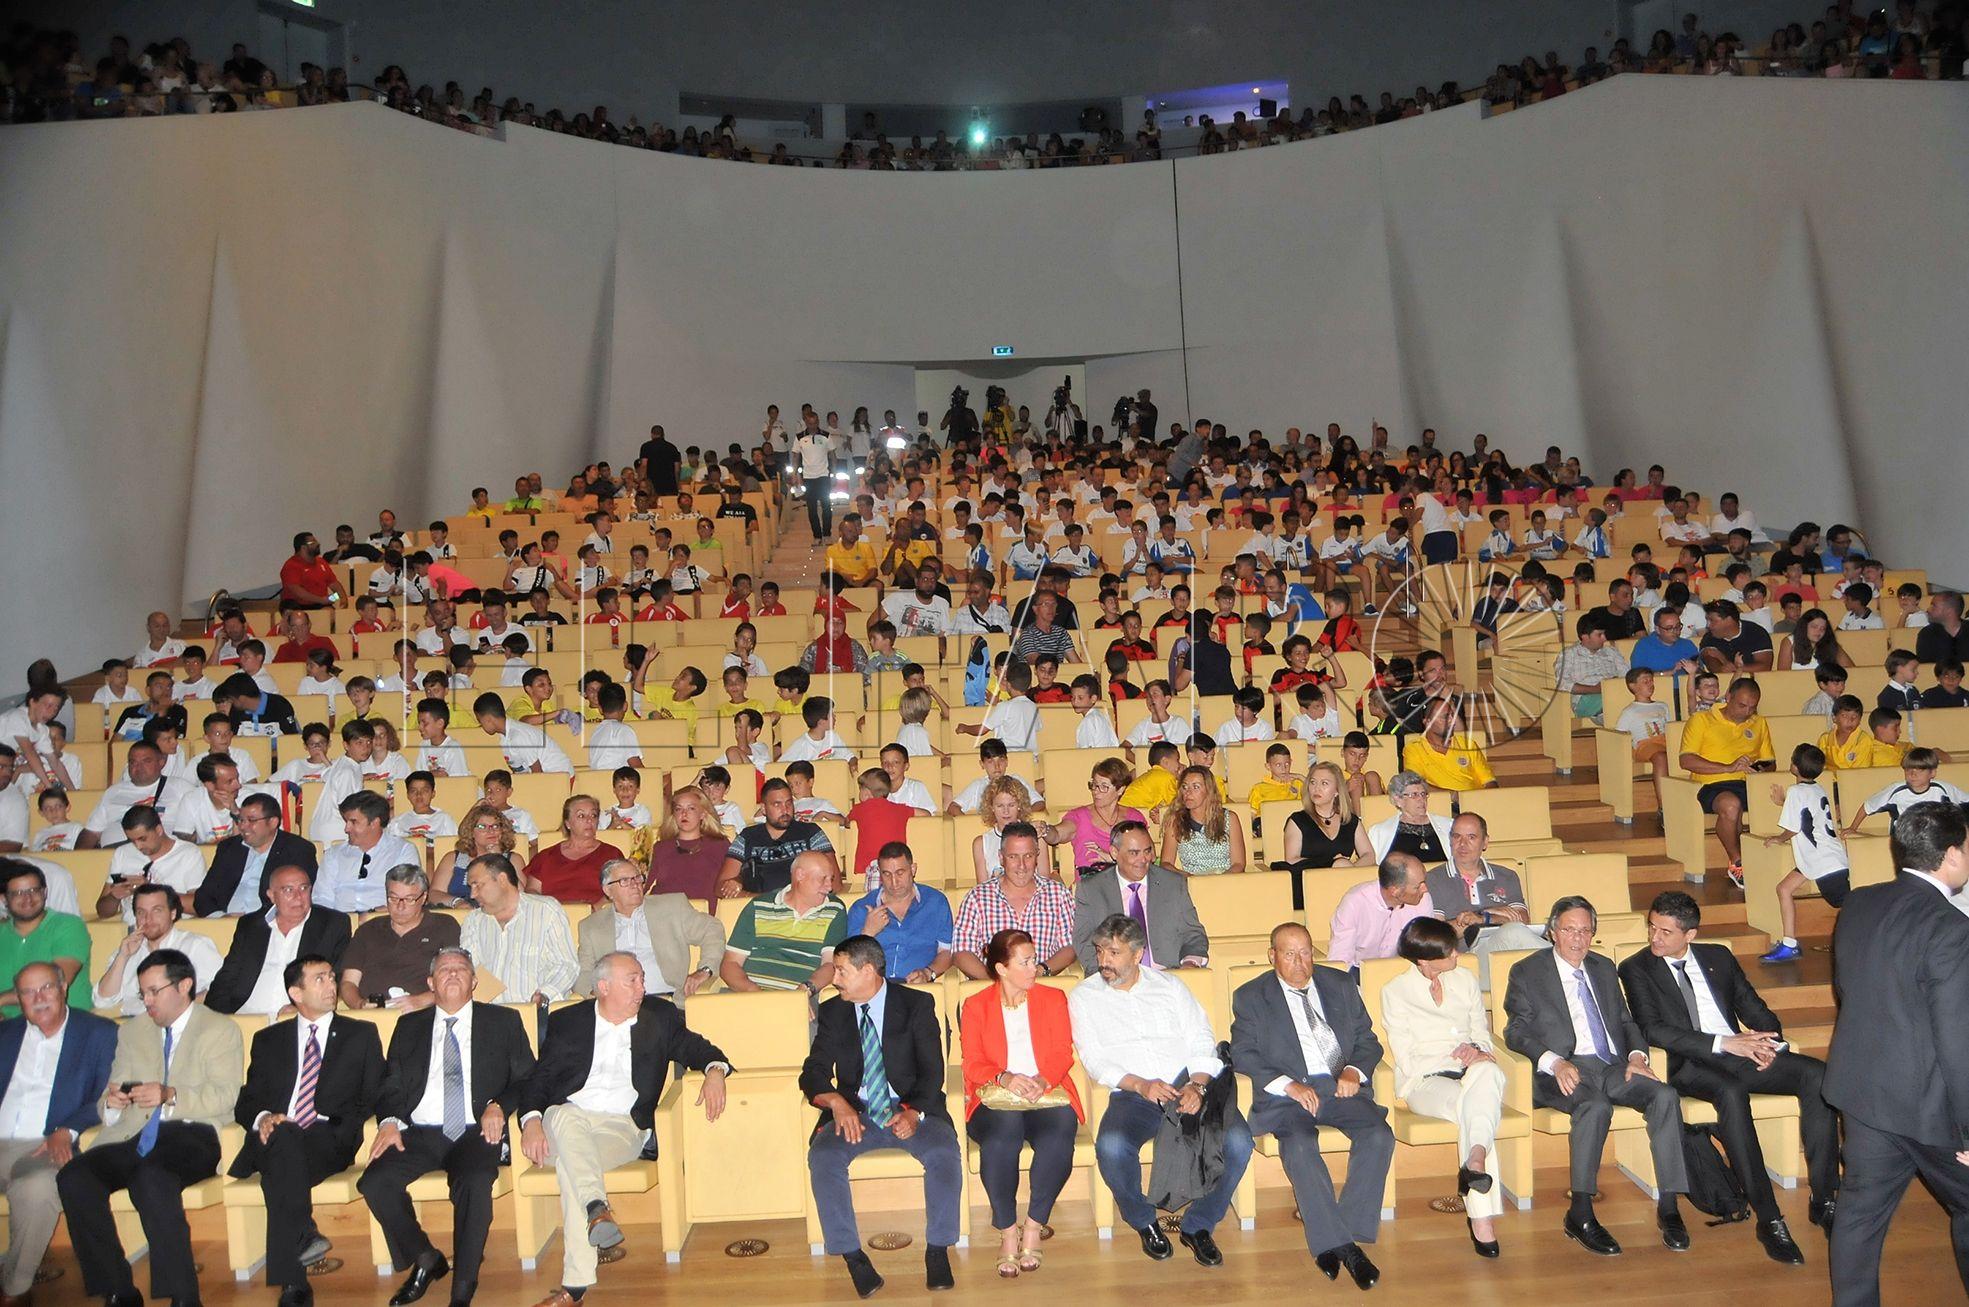 El lunes 19 se celebrará la Gala de la Federación de Fútbol